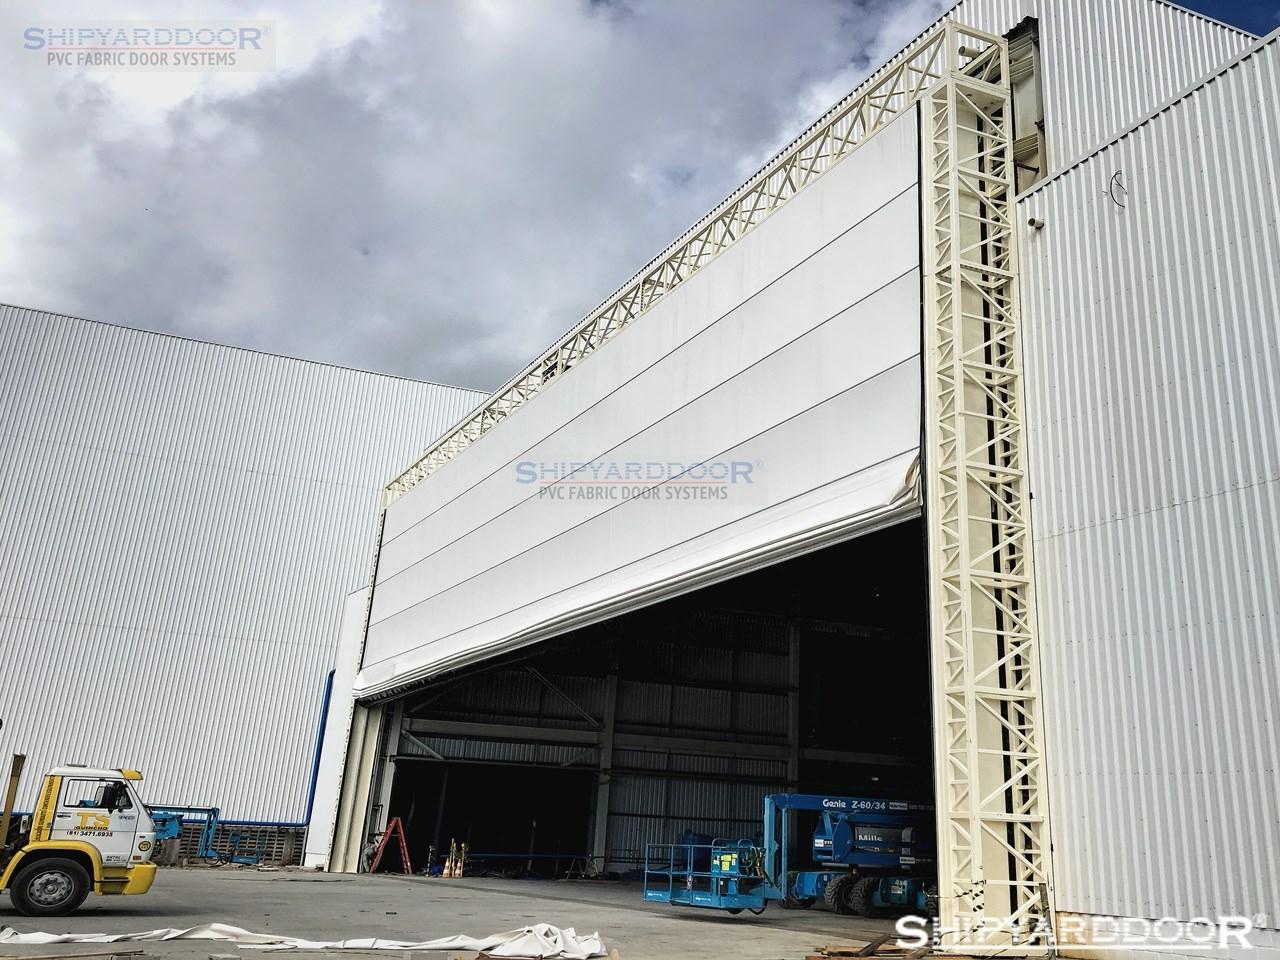 hangar door t22 en shipyarddoor